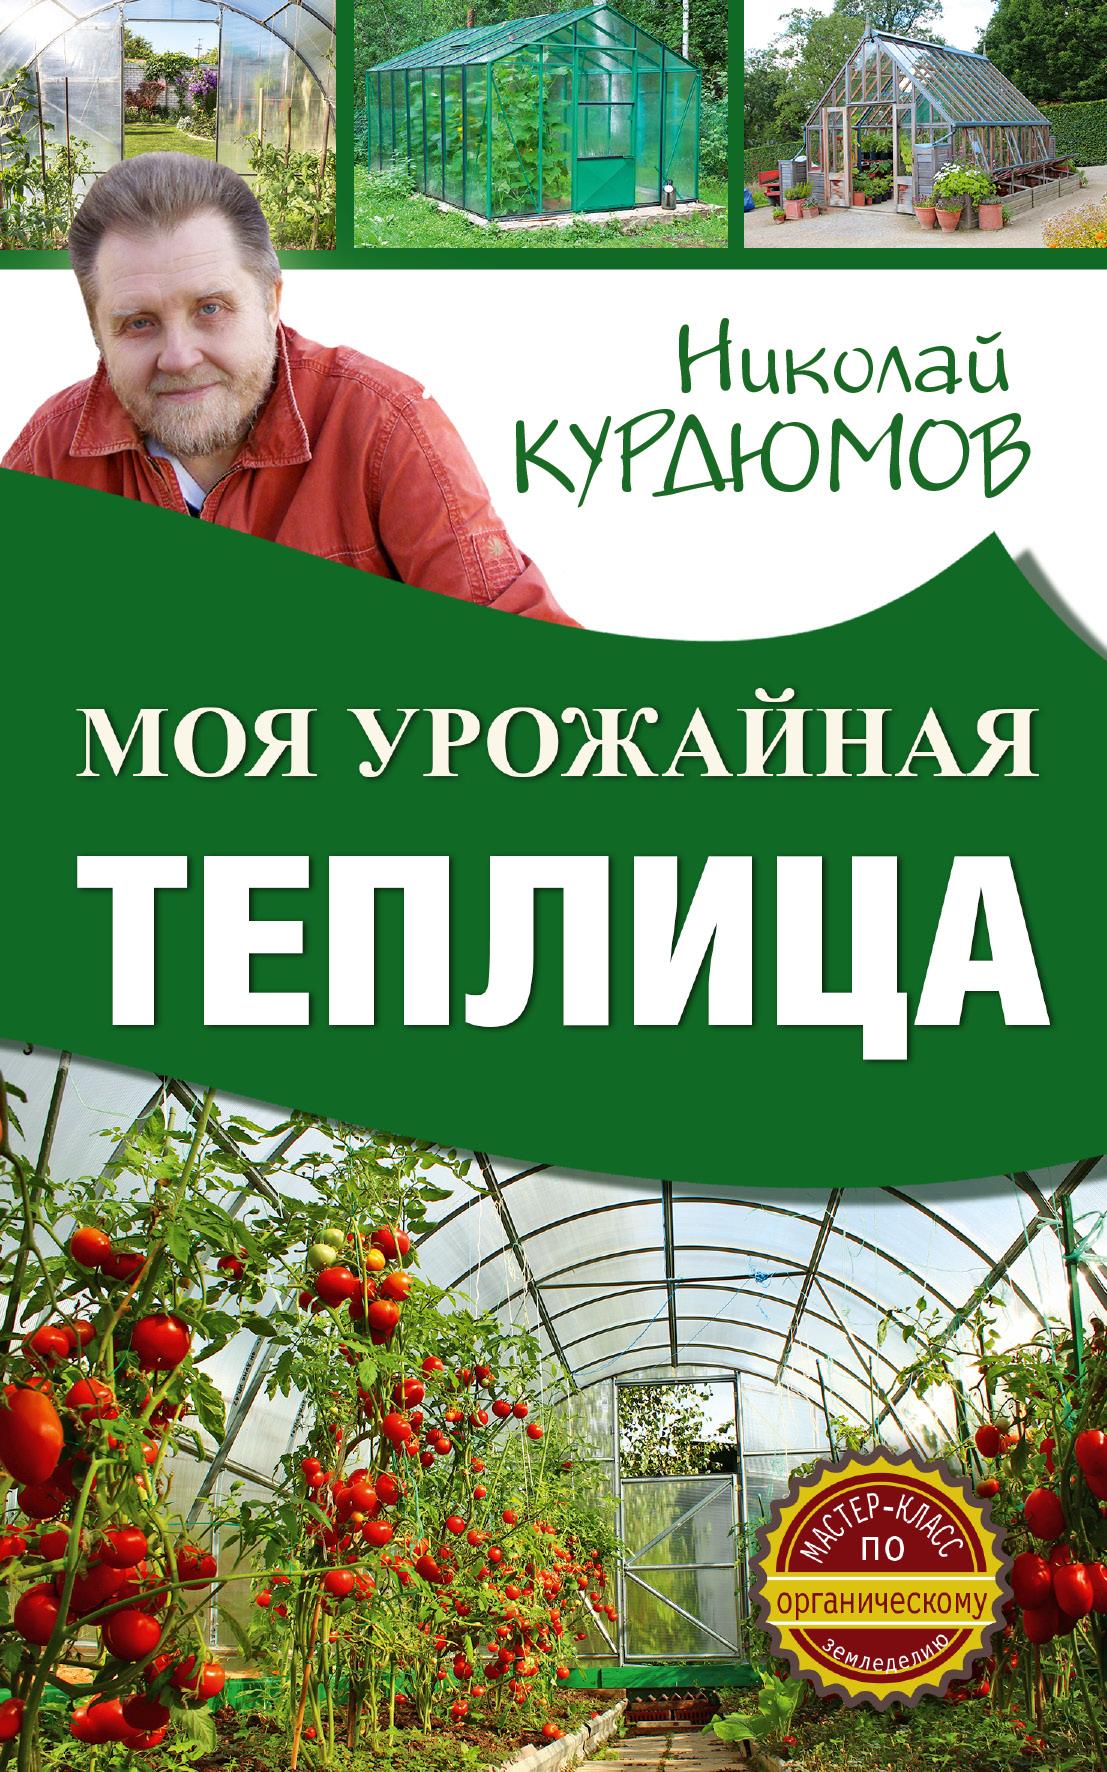 Курдюмов Николай Иванович Моя урожайная теплица курдюмов николай иванович курдюмов дачнаяшкола моя урожайная теплица